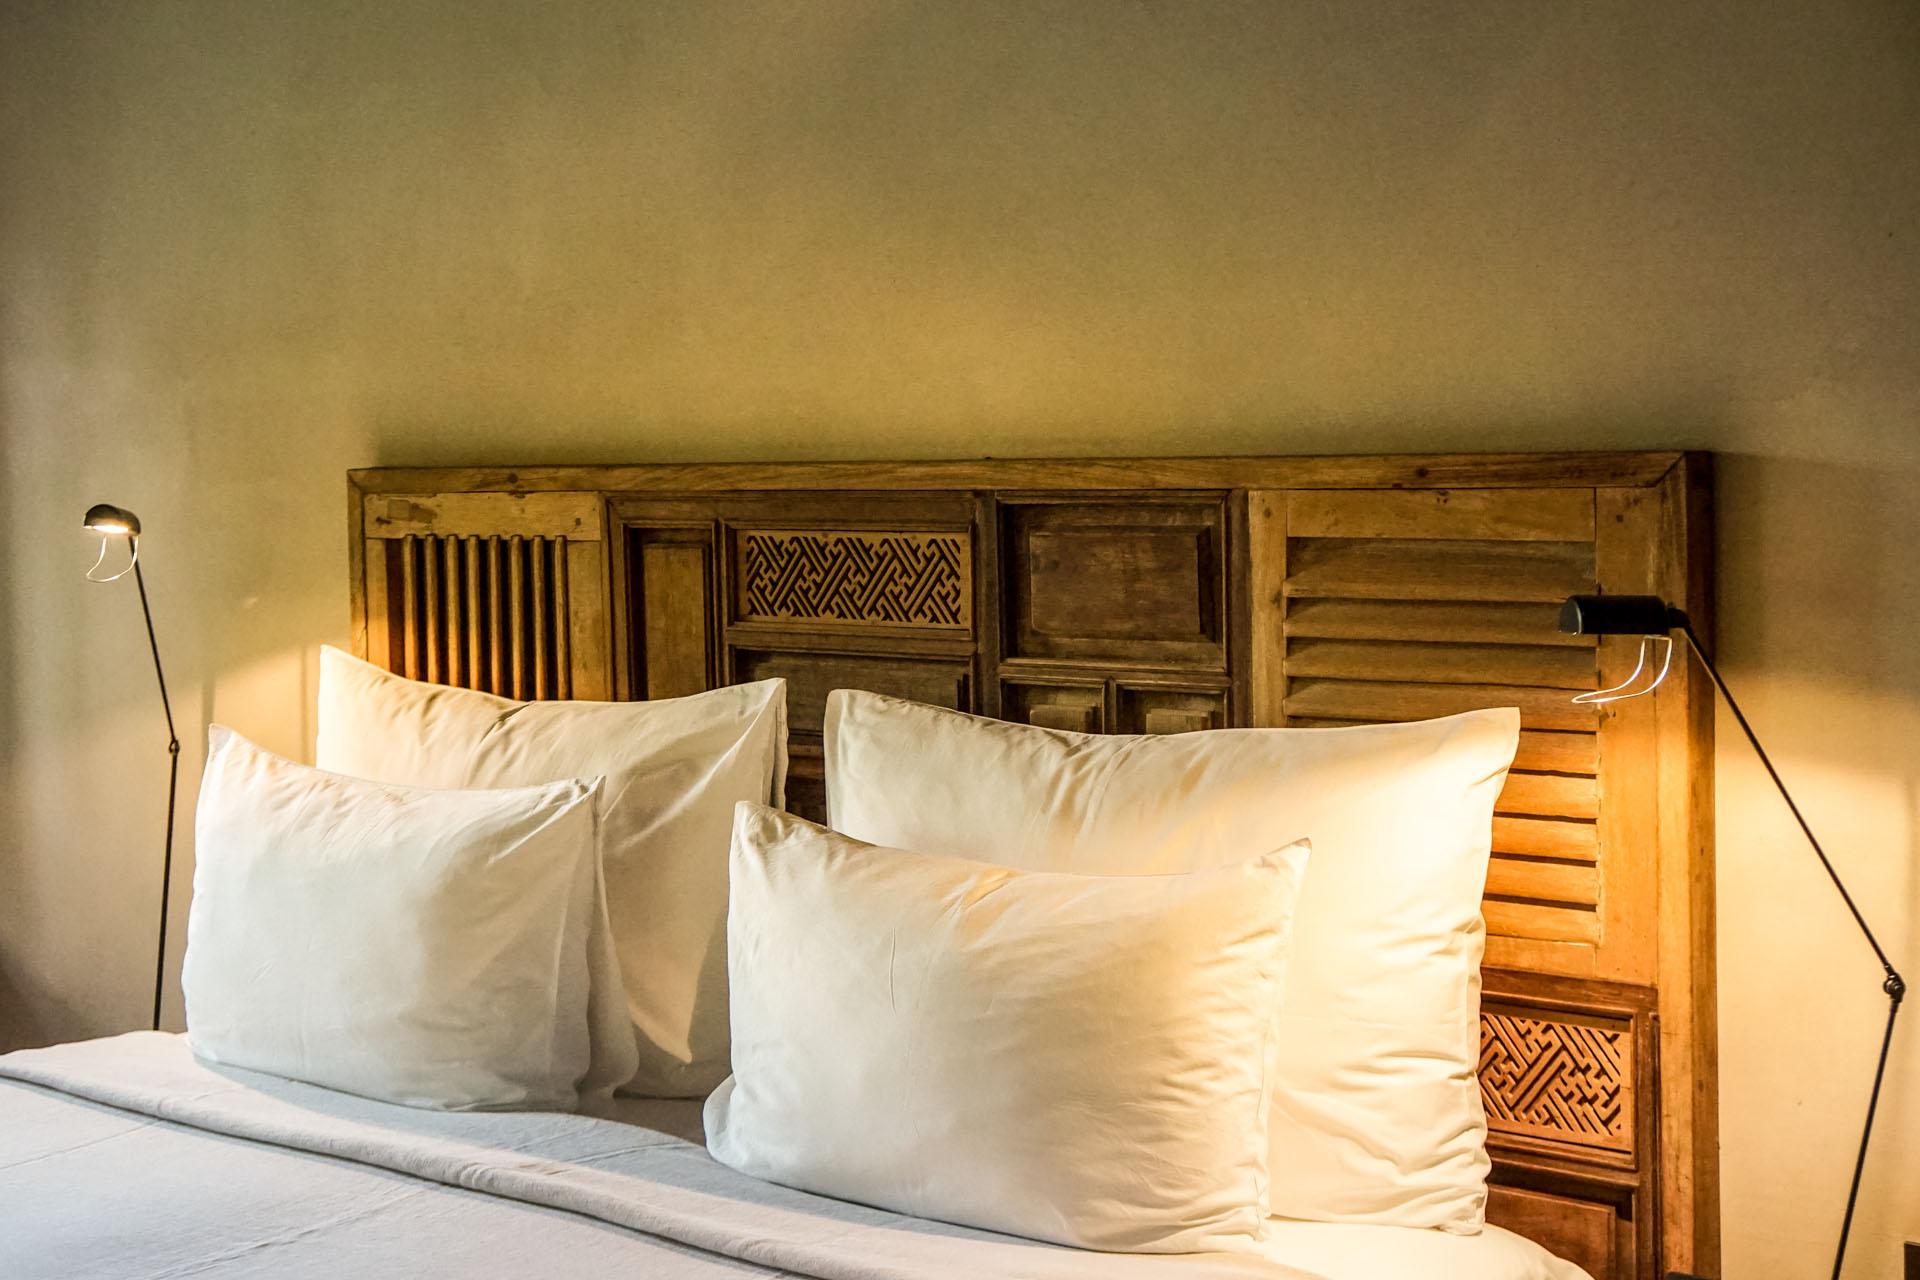 Hotel Phum Baitan Siem Reap Room Bed